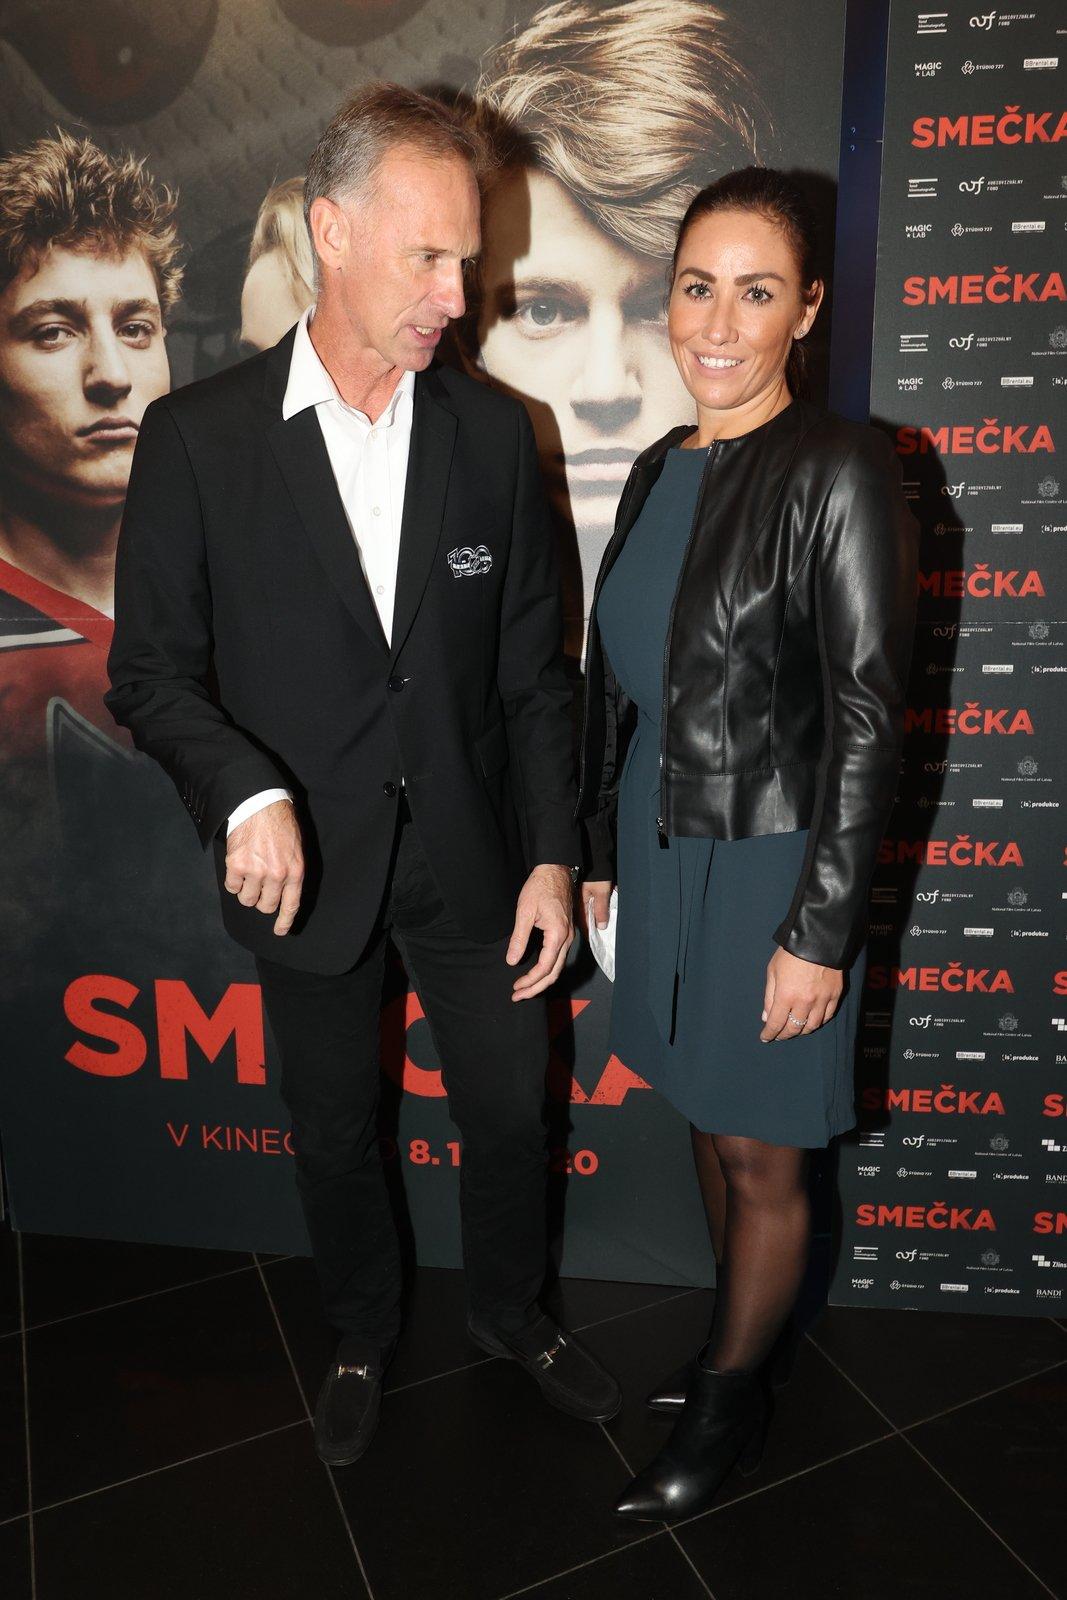 Premiéra filmu Smečka: Dominik Hašek dorazil s partnerkou Lenkou.